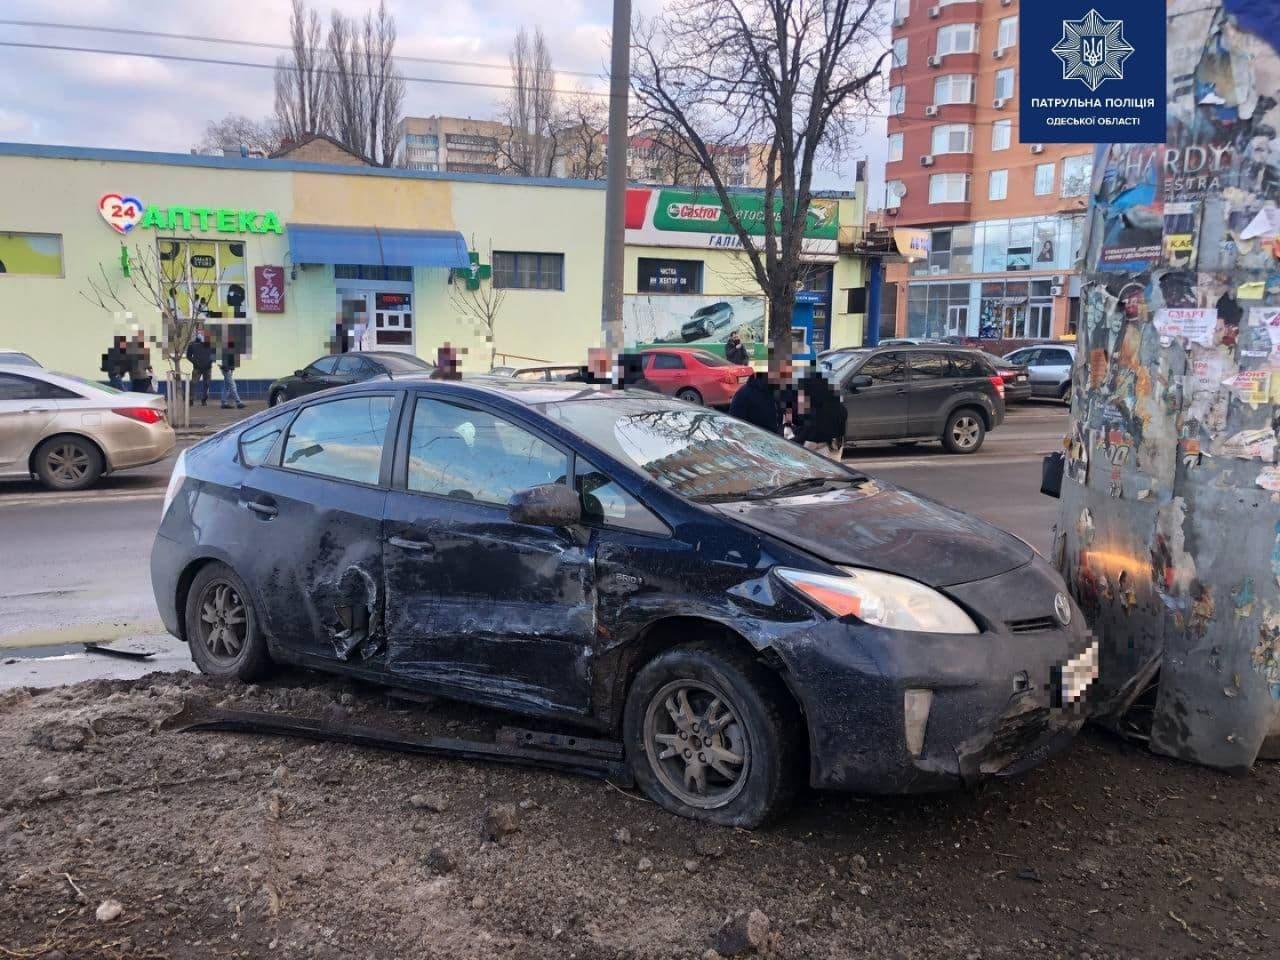 ДТП на Молдаванке. Фото: Патрульная полиция